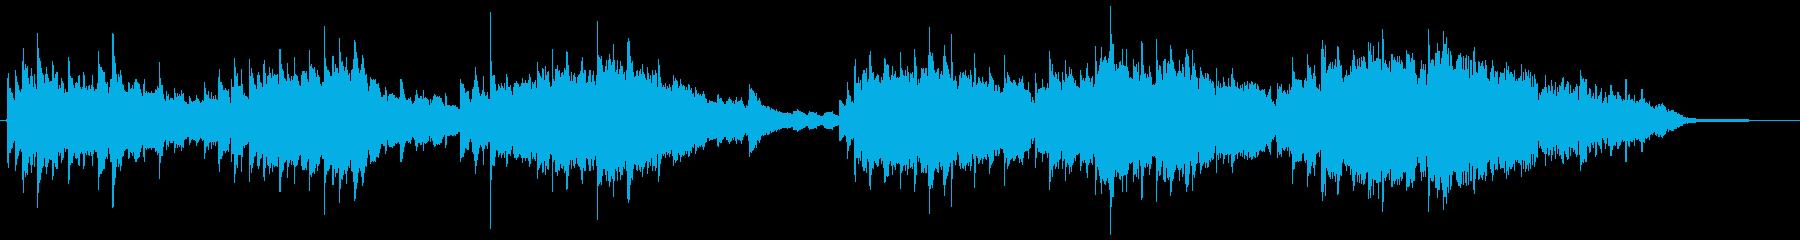 絶望的なオーケストラ曲の再生済みの波形